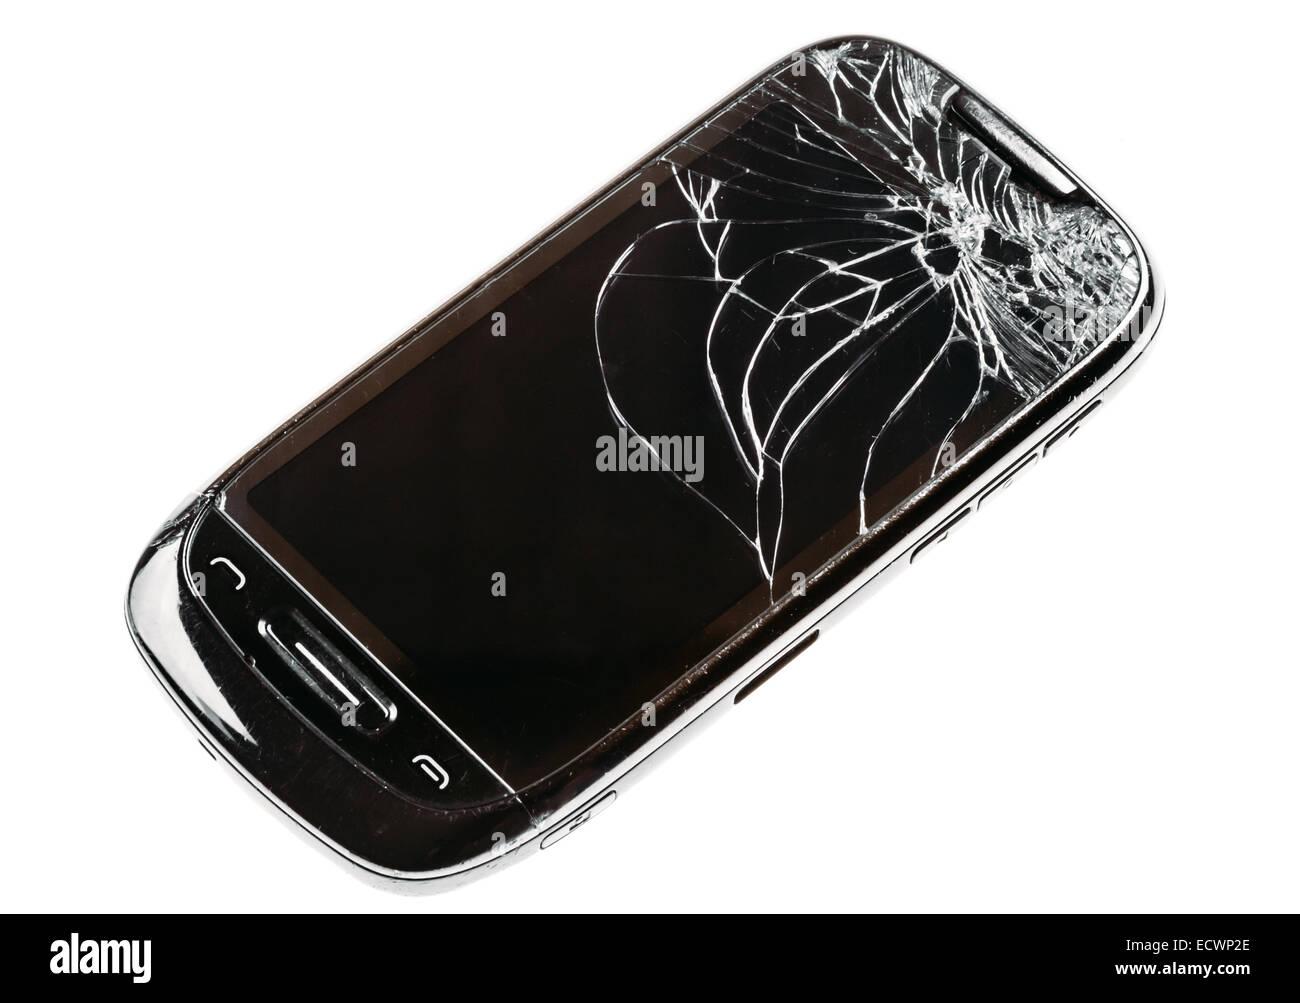 Mobile Nero Smart Phone Con Incrinato Schermo Rotto Isolate Su